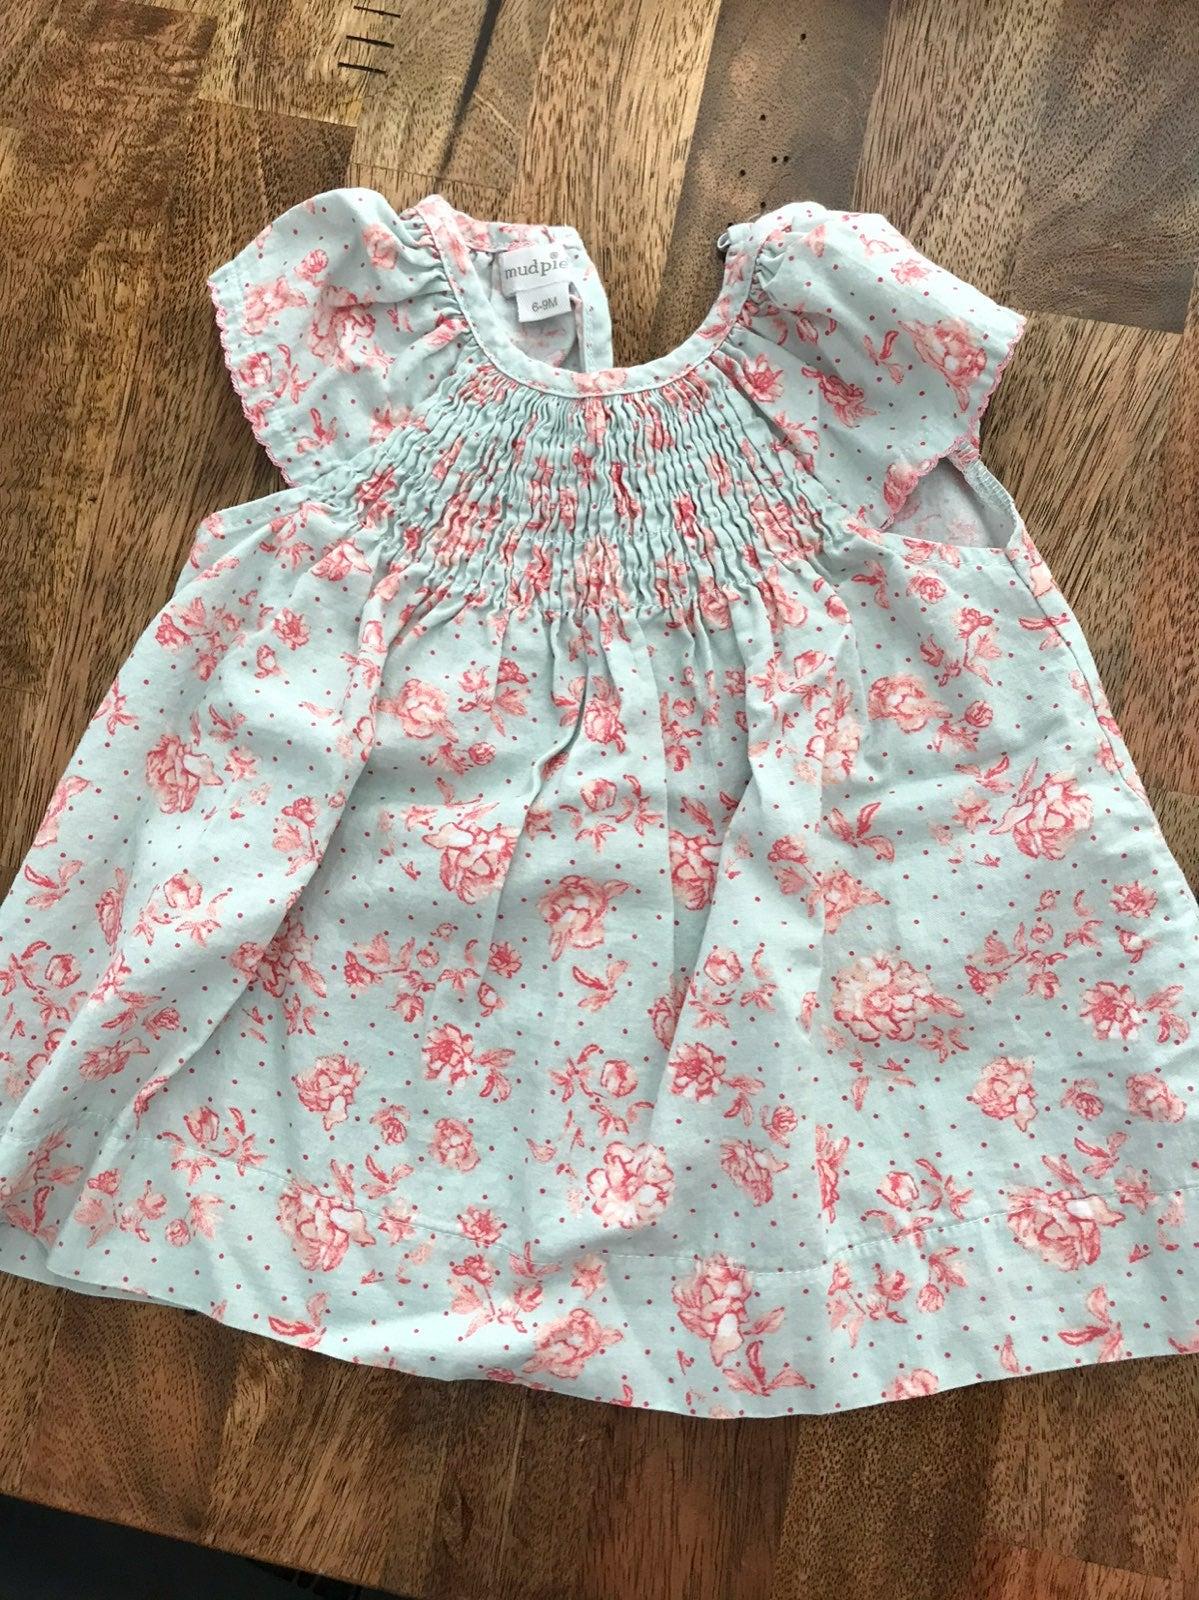 Mudpie Baby Girl Dress